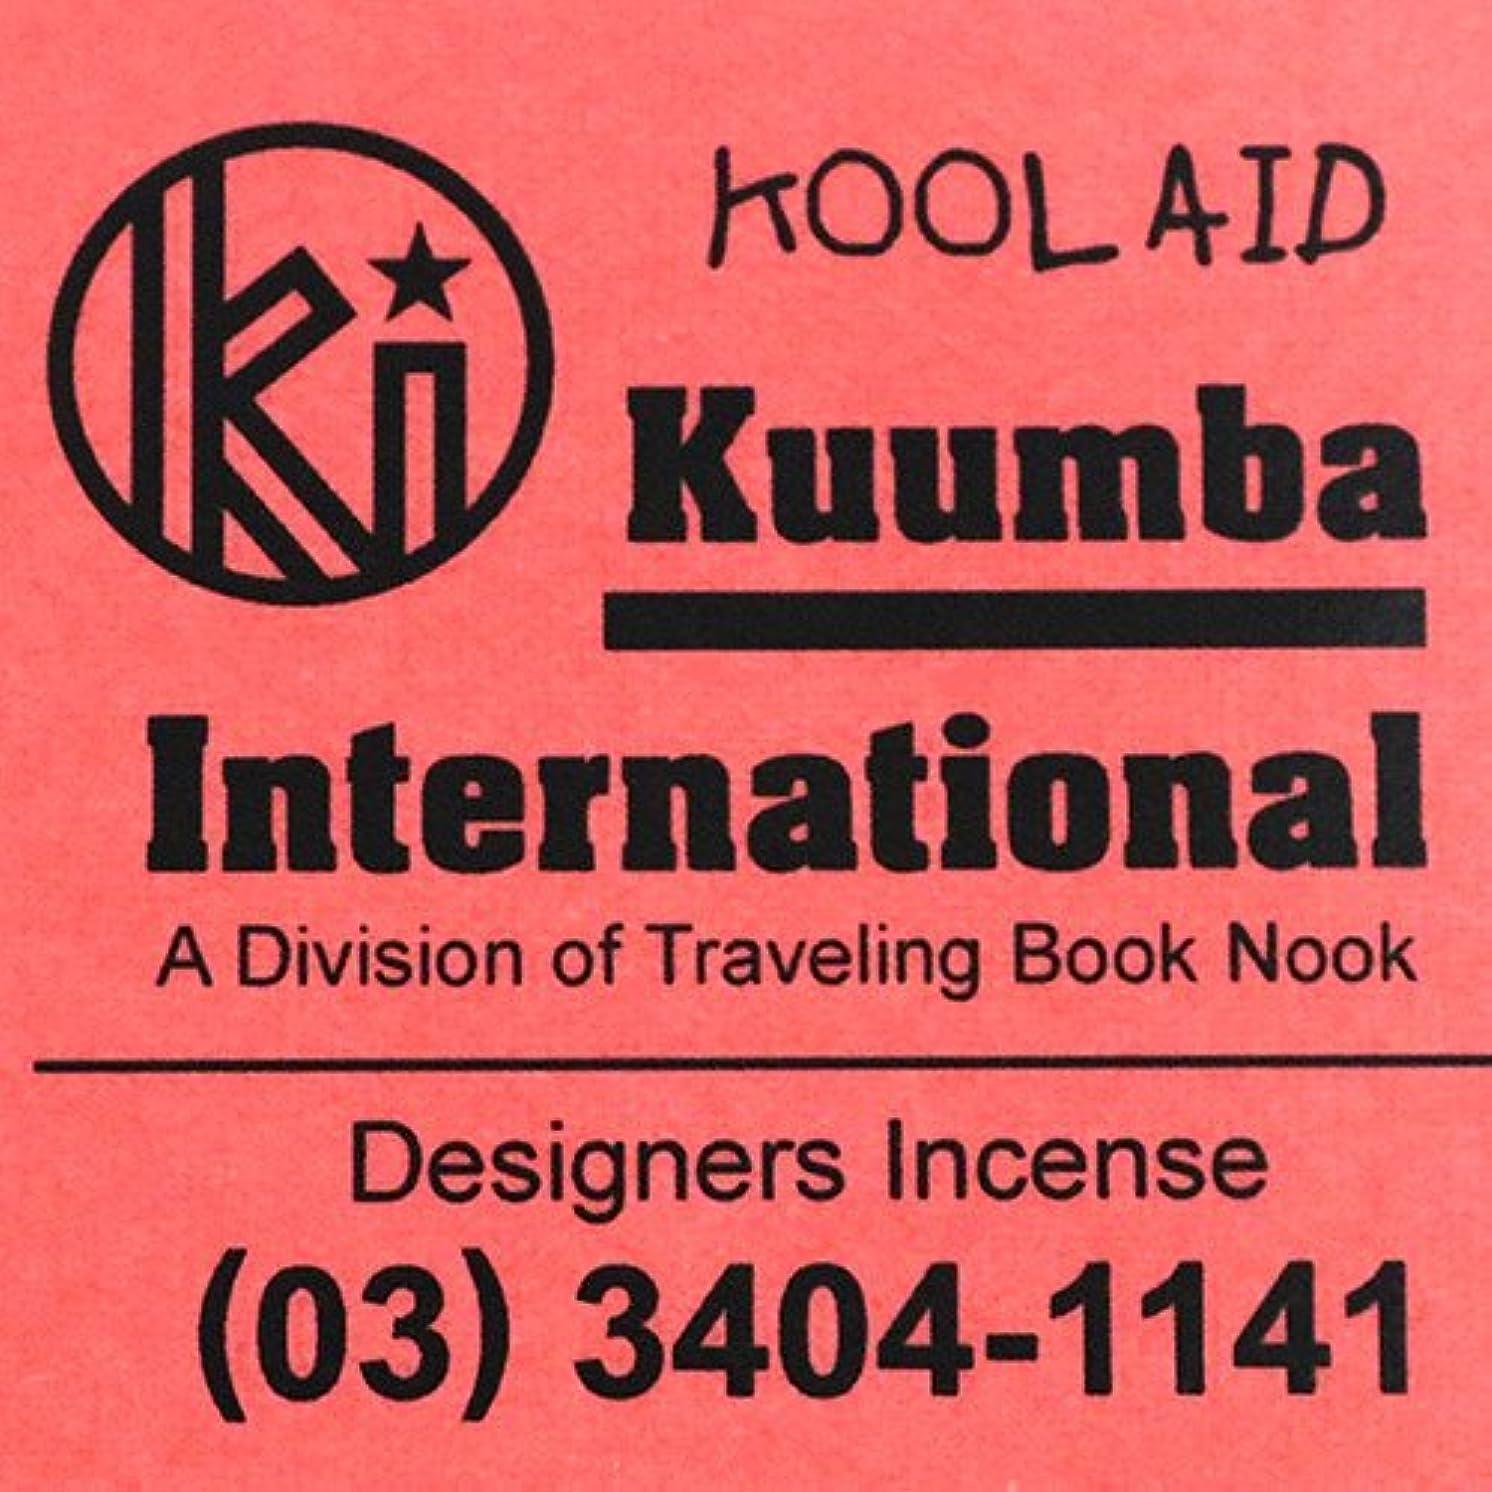 フィドルのぞき見スーツ(クンバ) KUUMBA『incense』(KOOL AID) (Regular size)